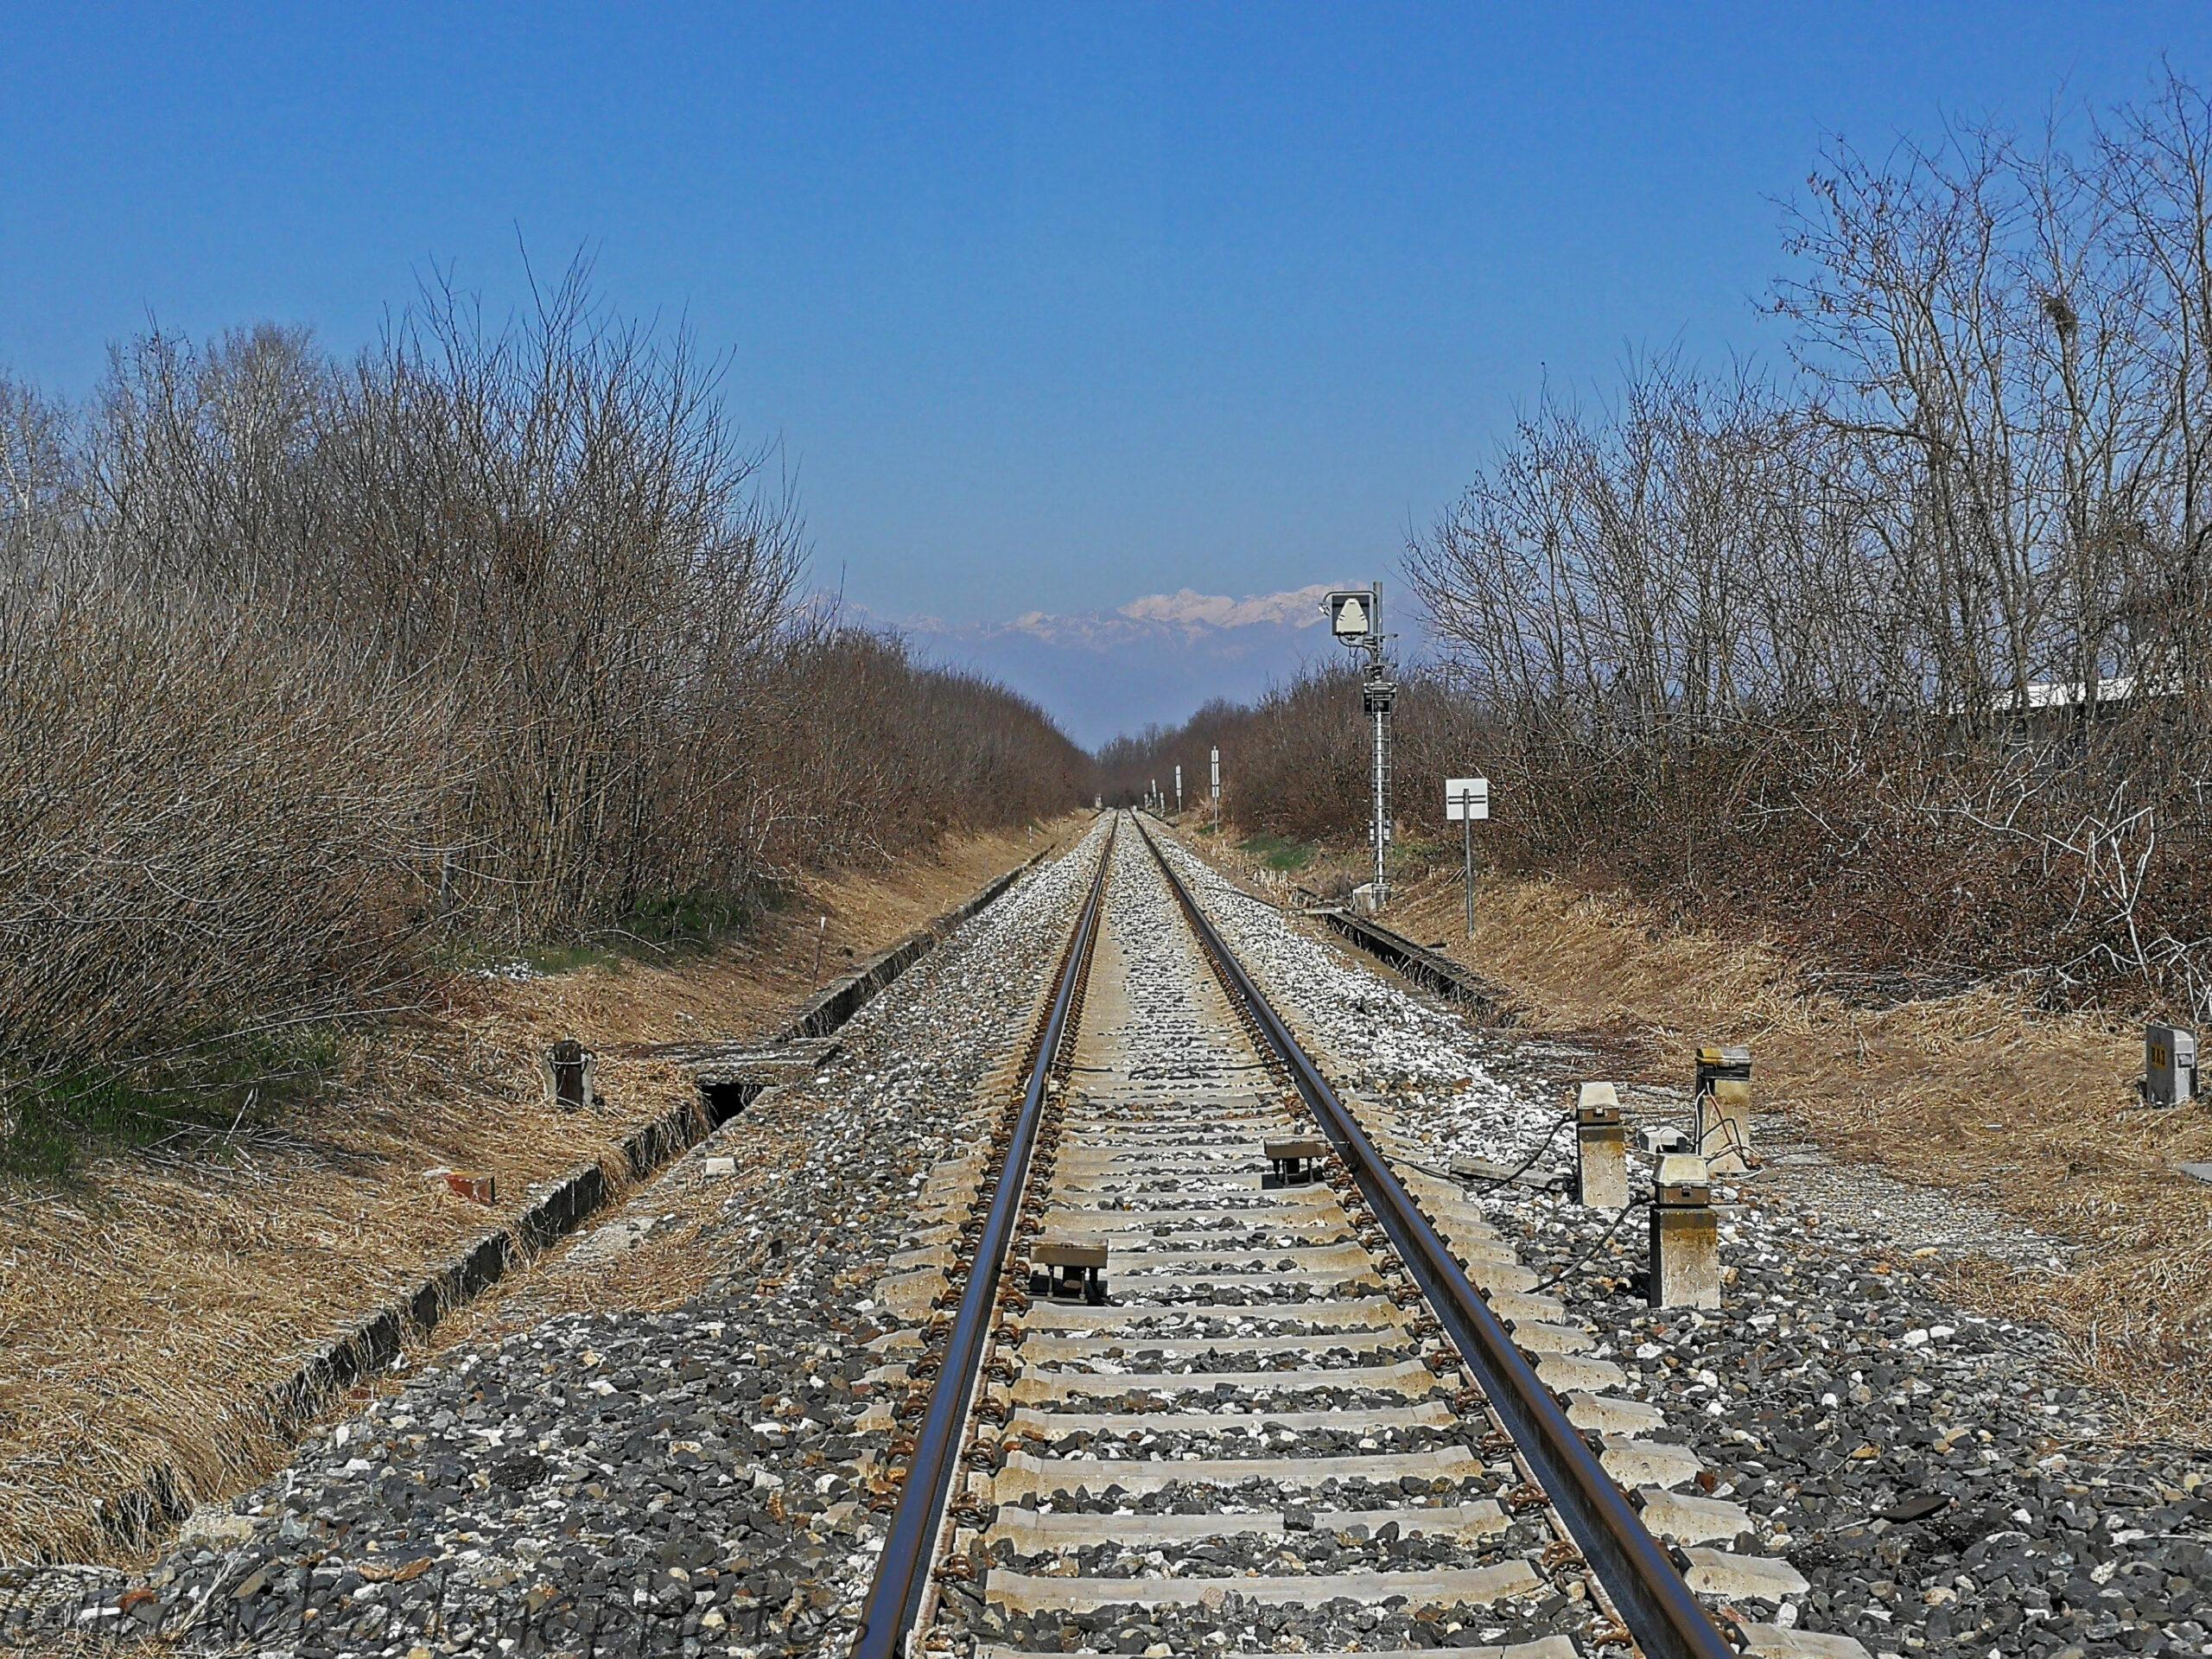 Attraversando la ferrovia nei pressi della dismessa stazione del Brianco